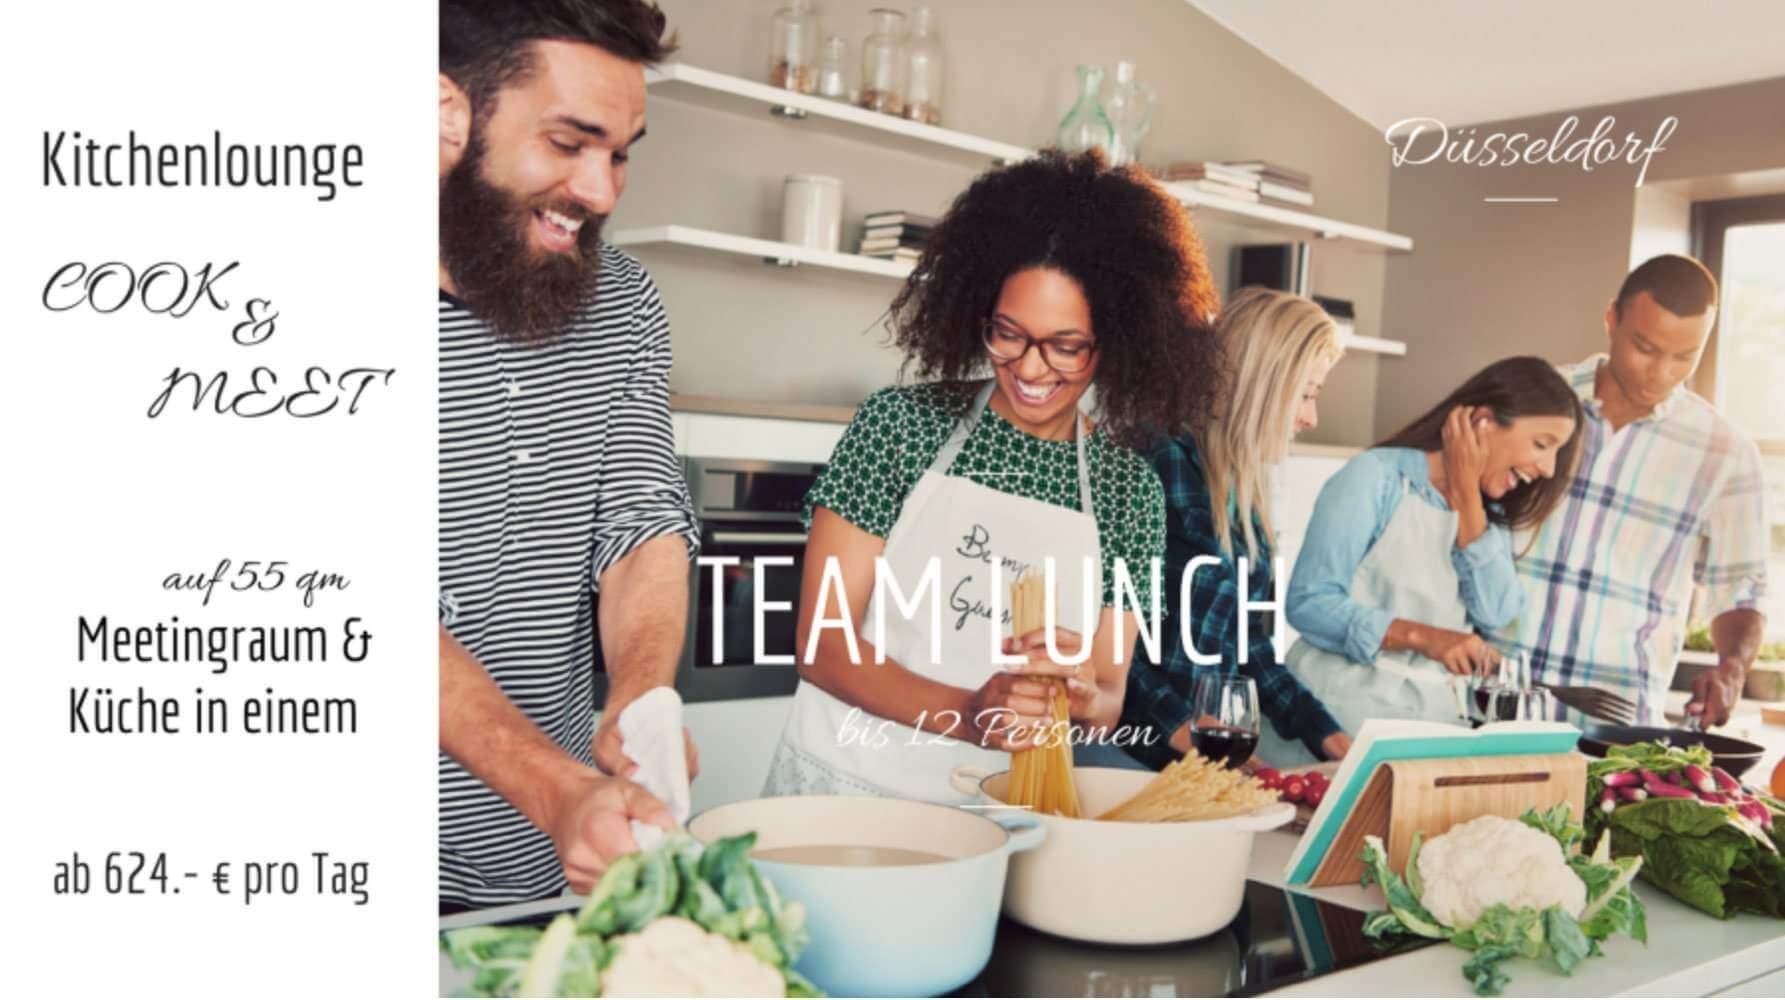 Seminar und Küchen gemeinsam kochen Teambuilding mieten in Düsseldorf